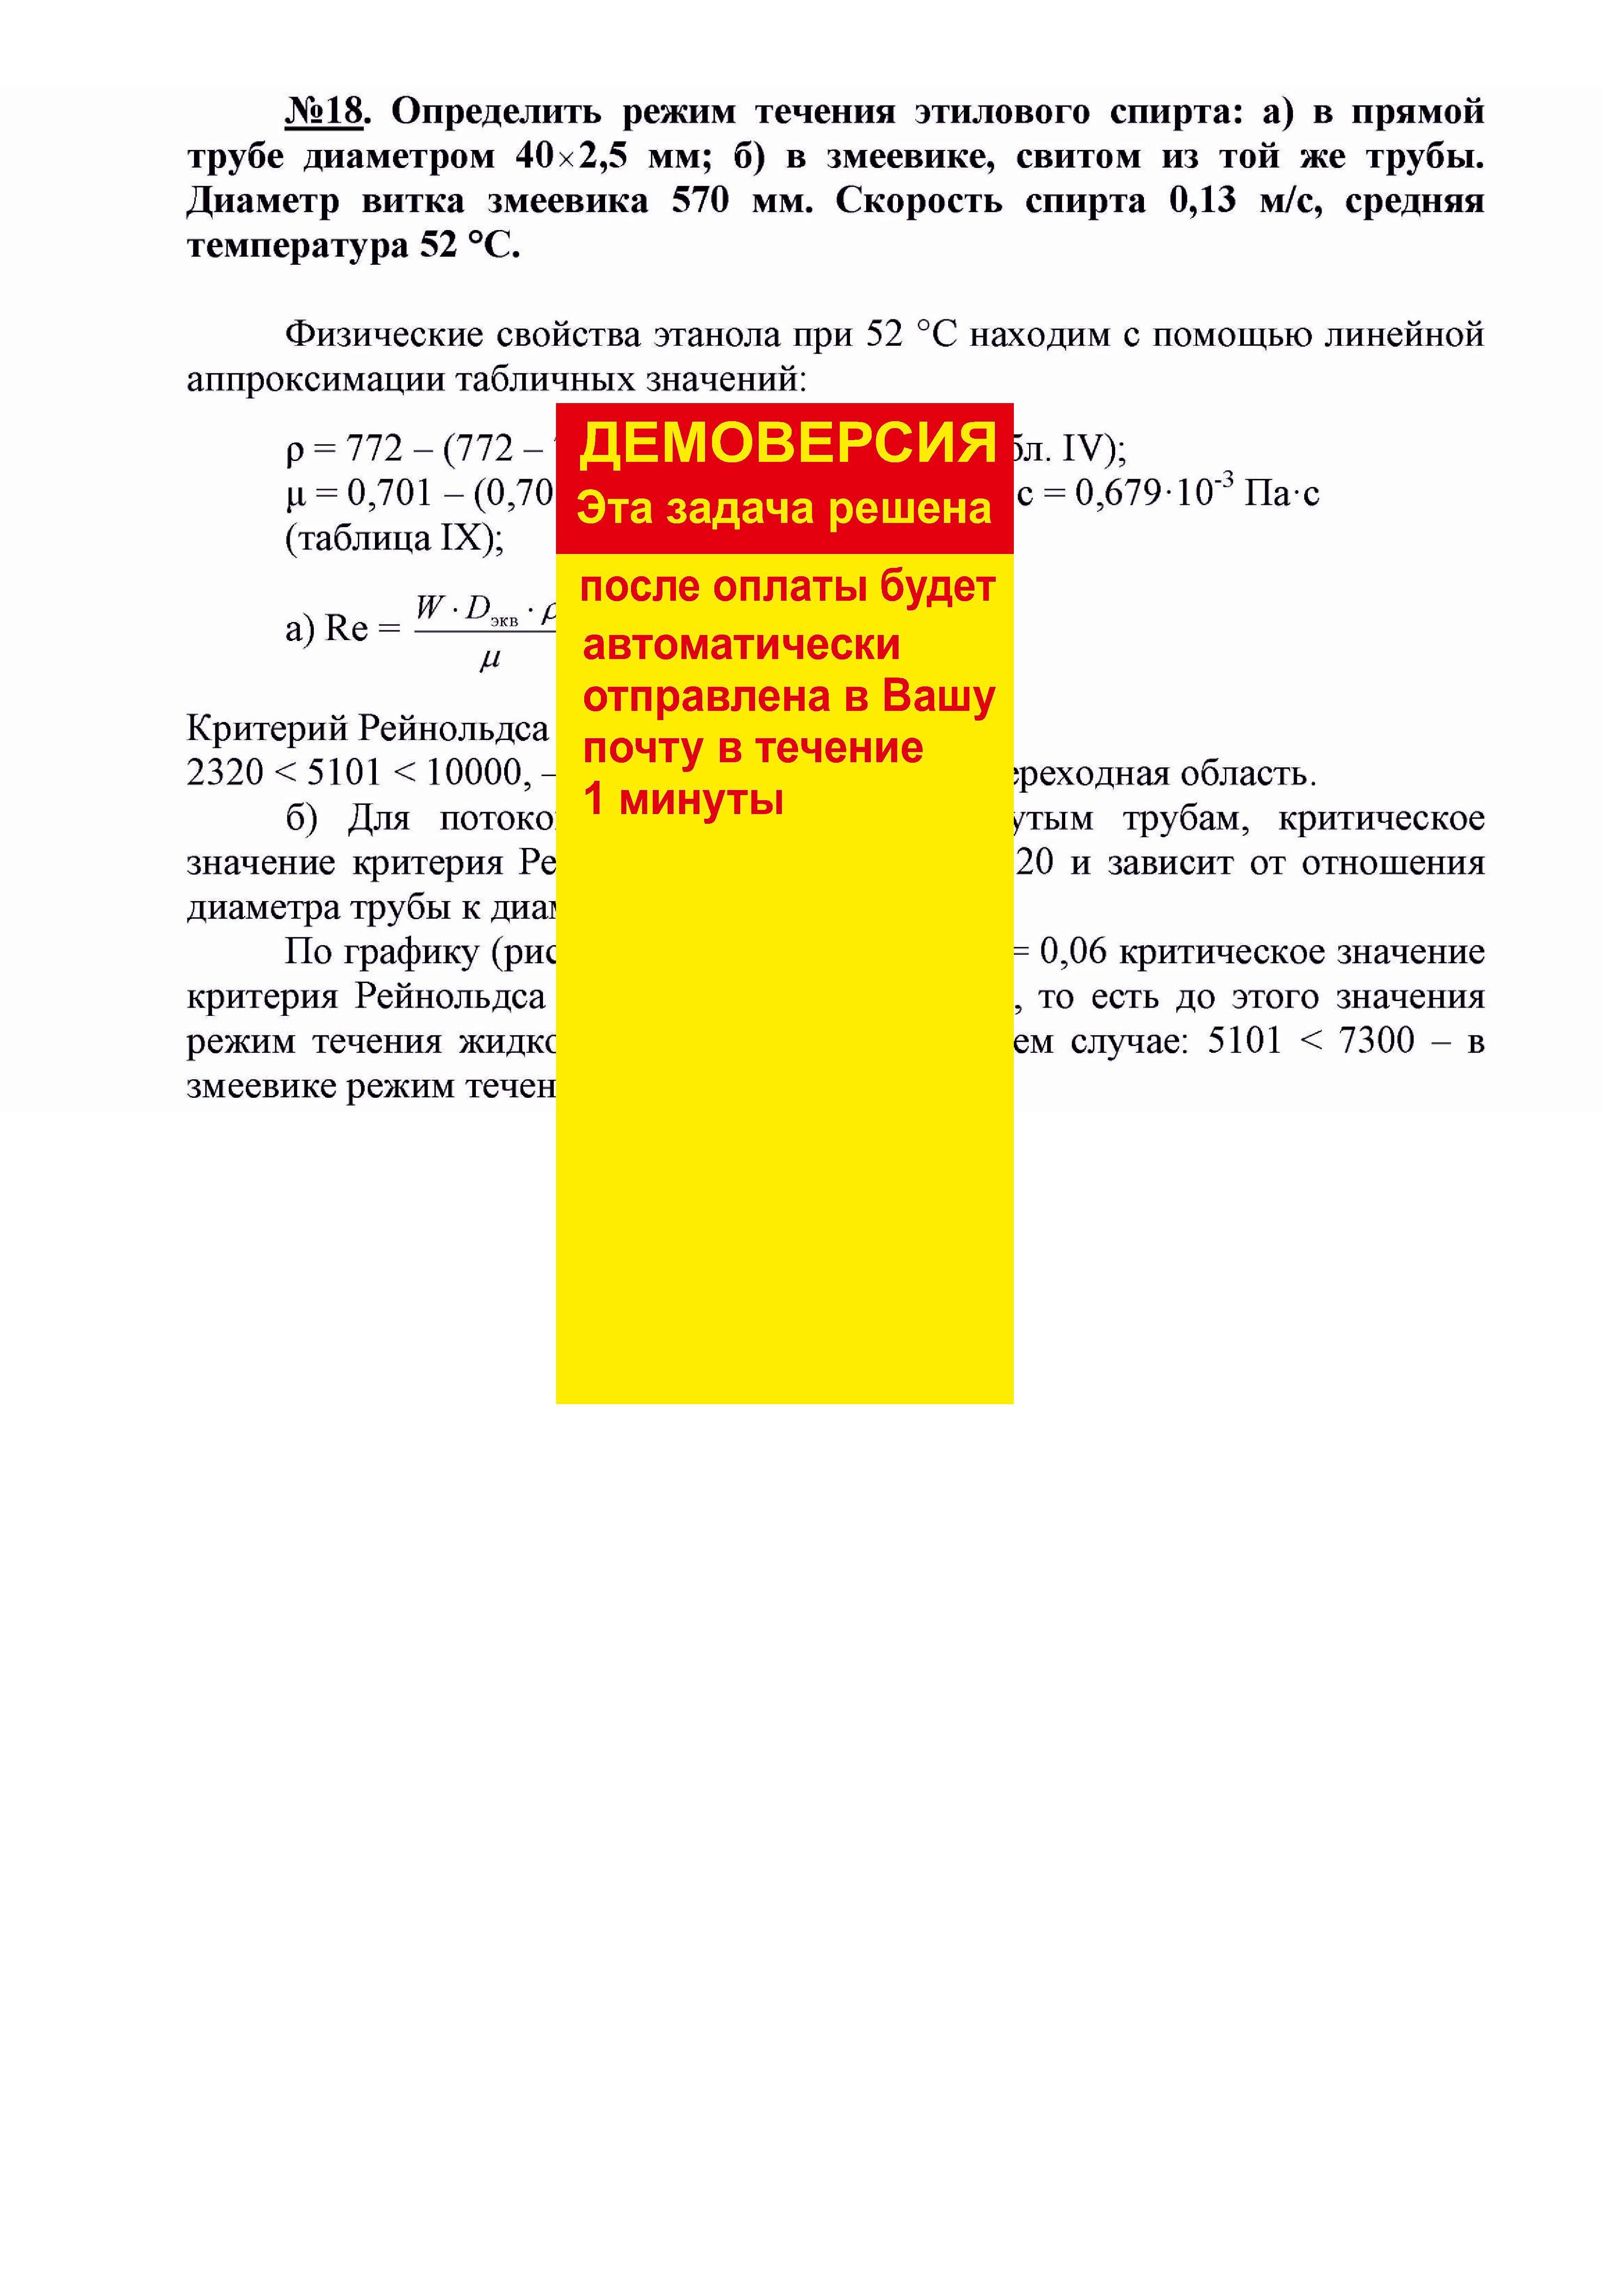 Решение задачи 1.18 по ПАХТ из задачника Павлова Романкова Носкова